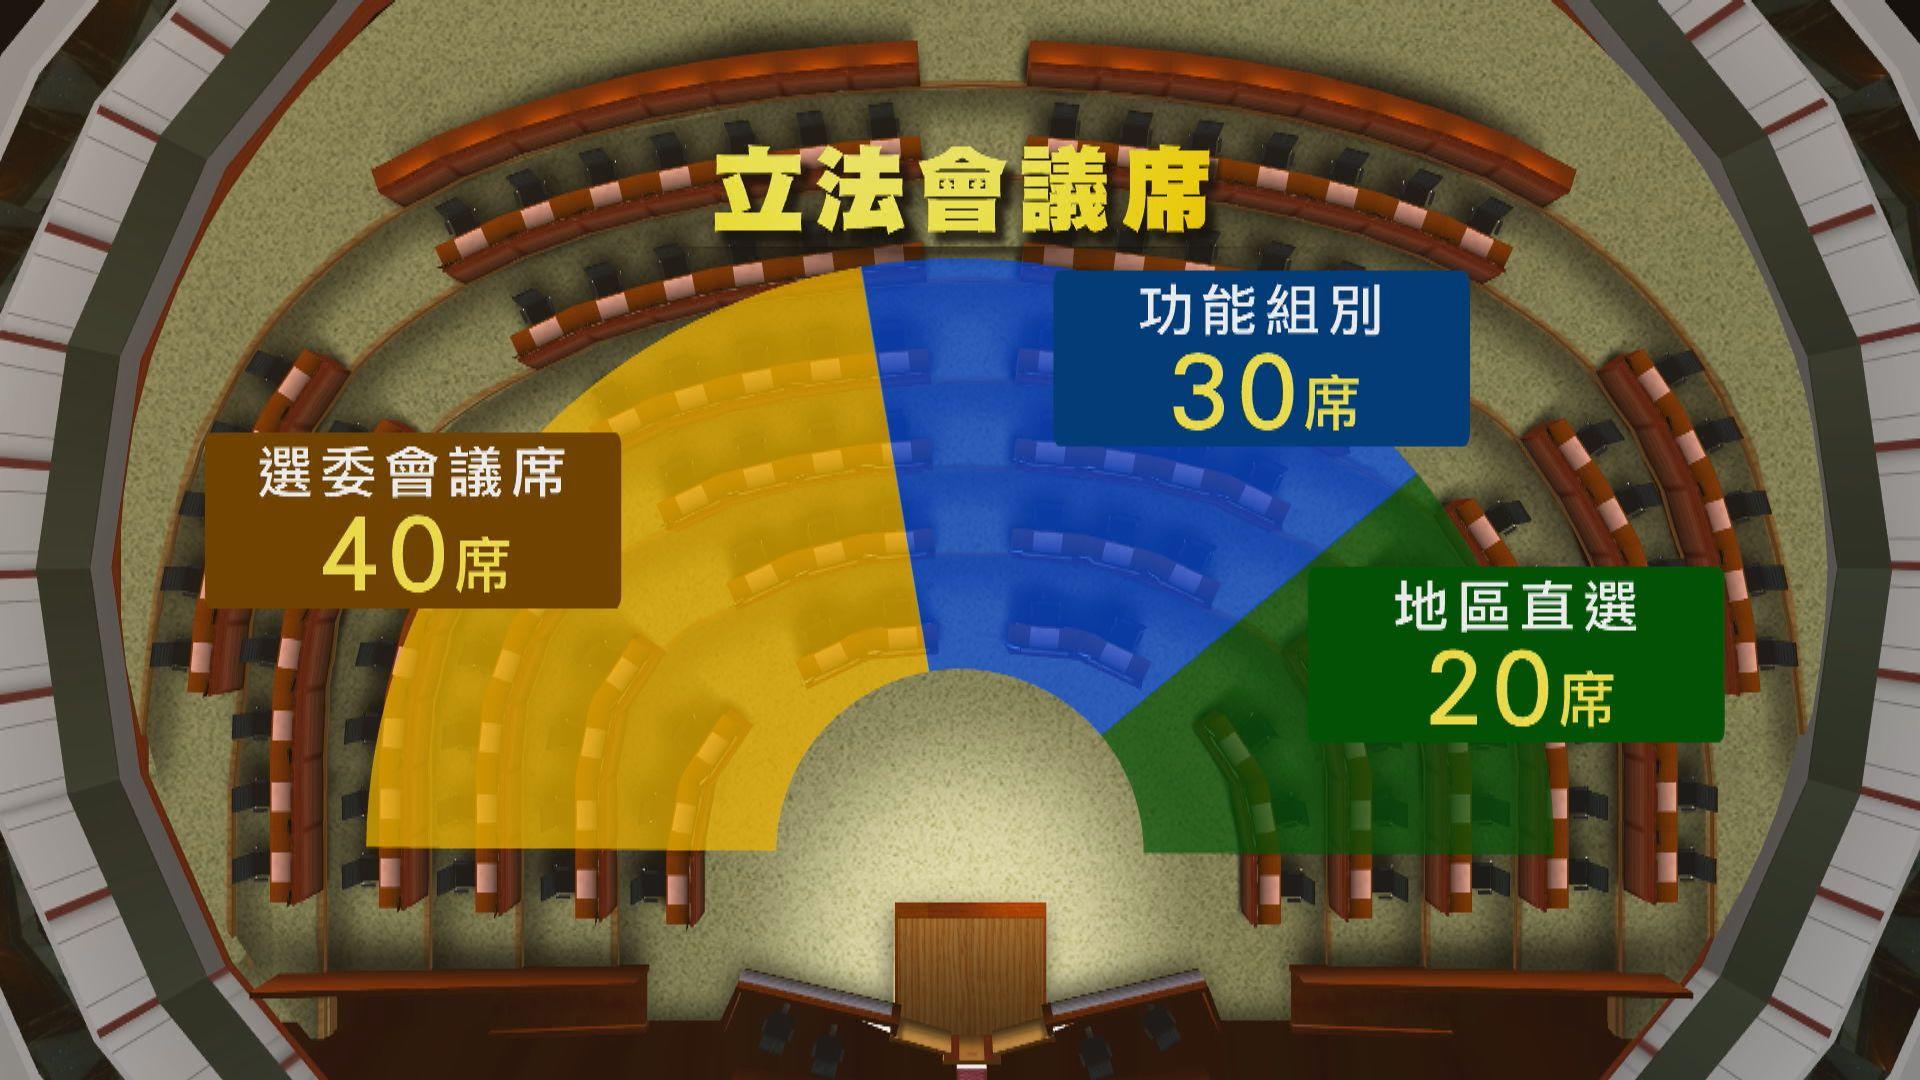 立法會採432比例 消息:選委會40席、功能30席、直選20席